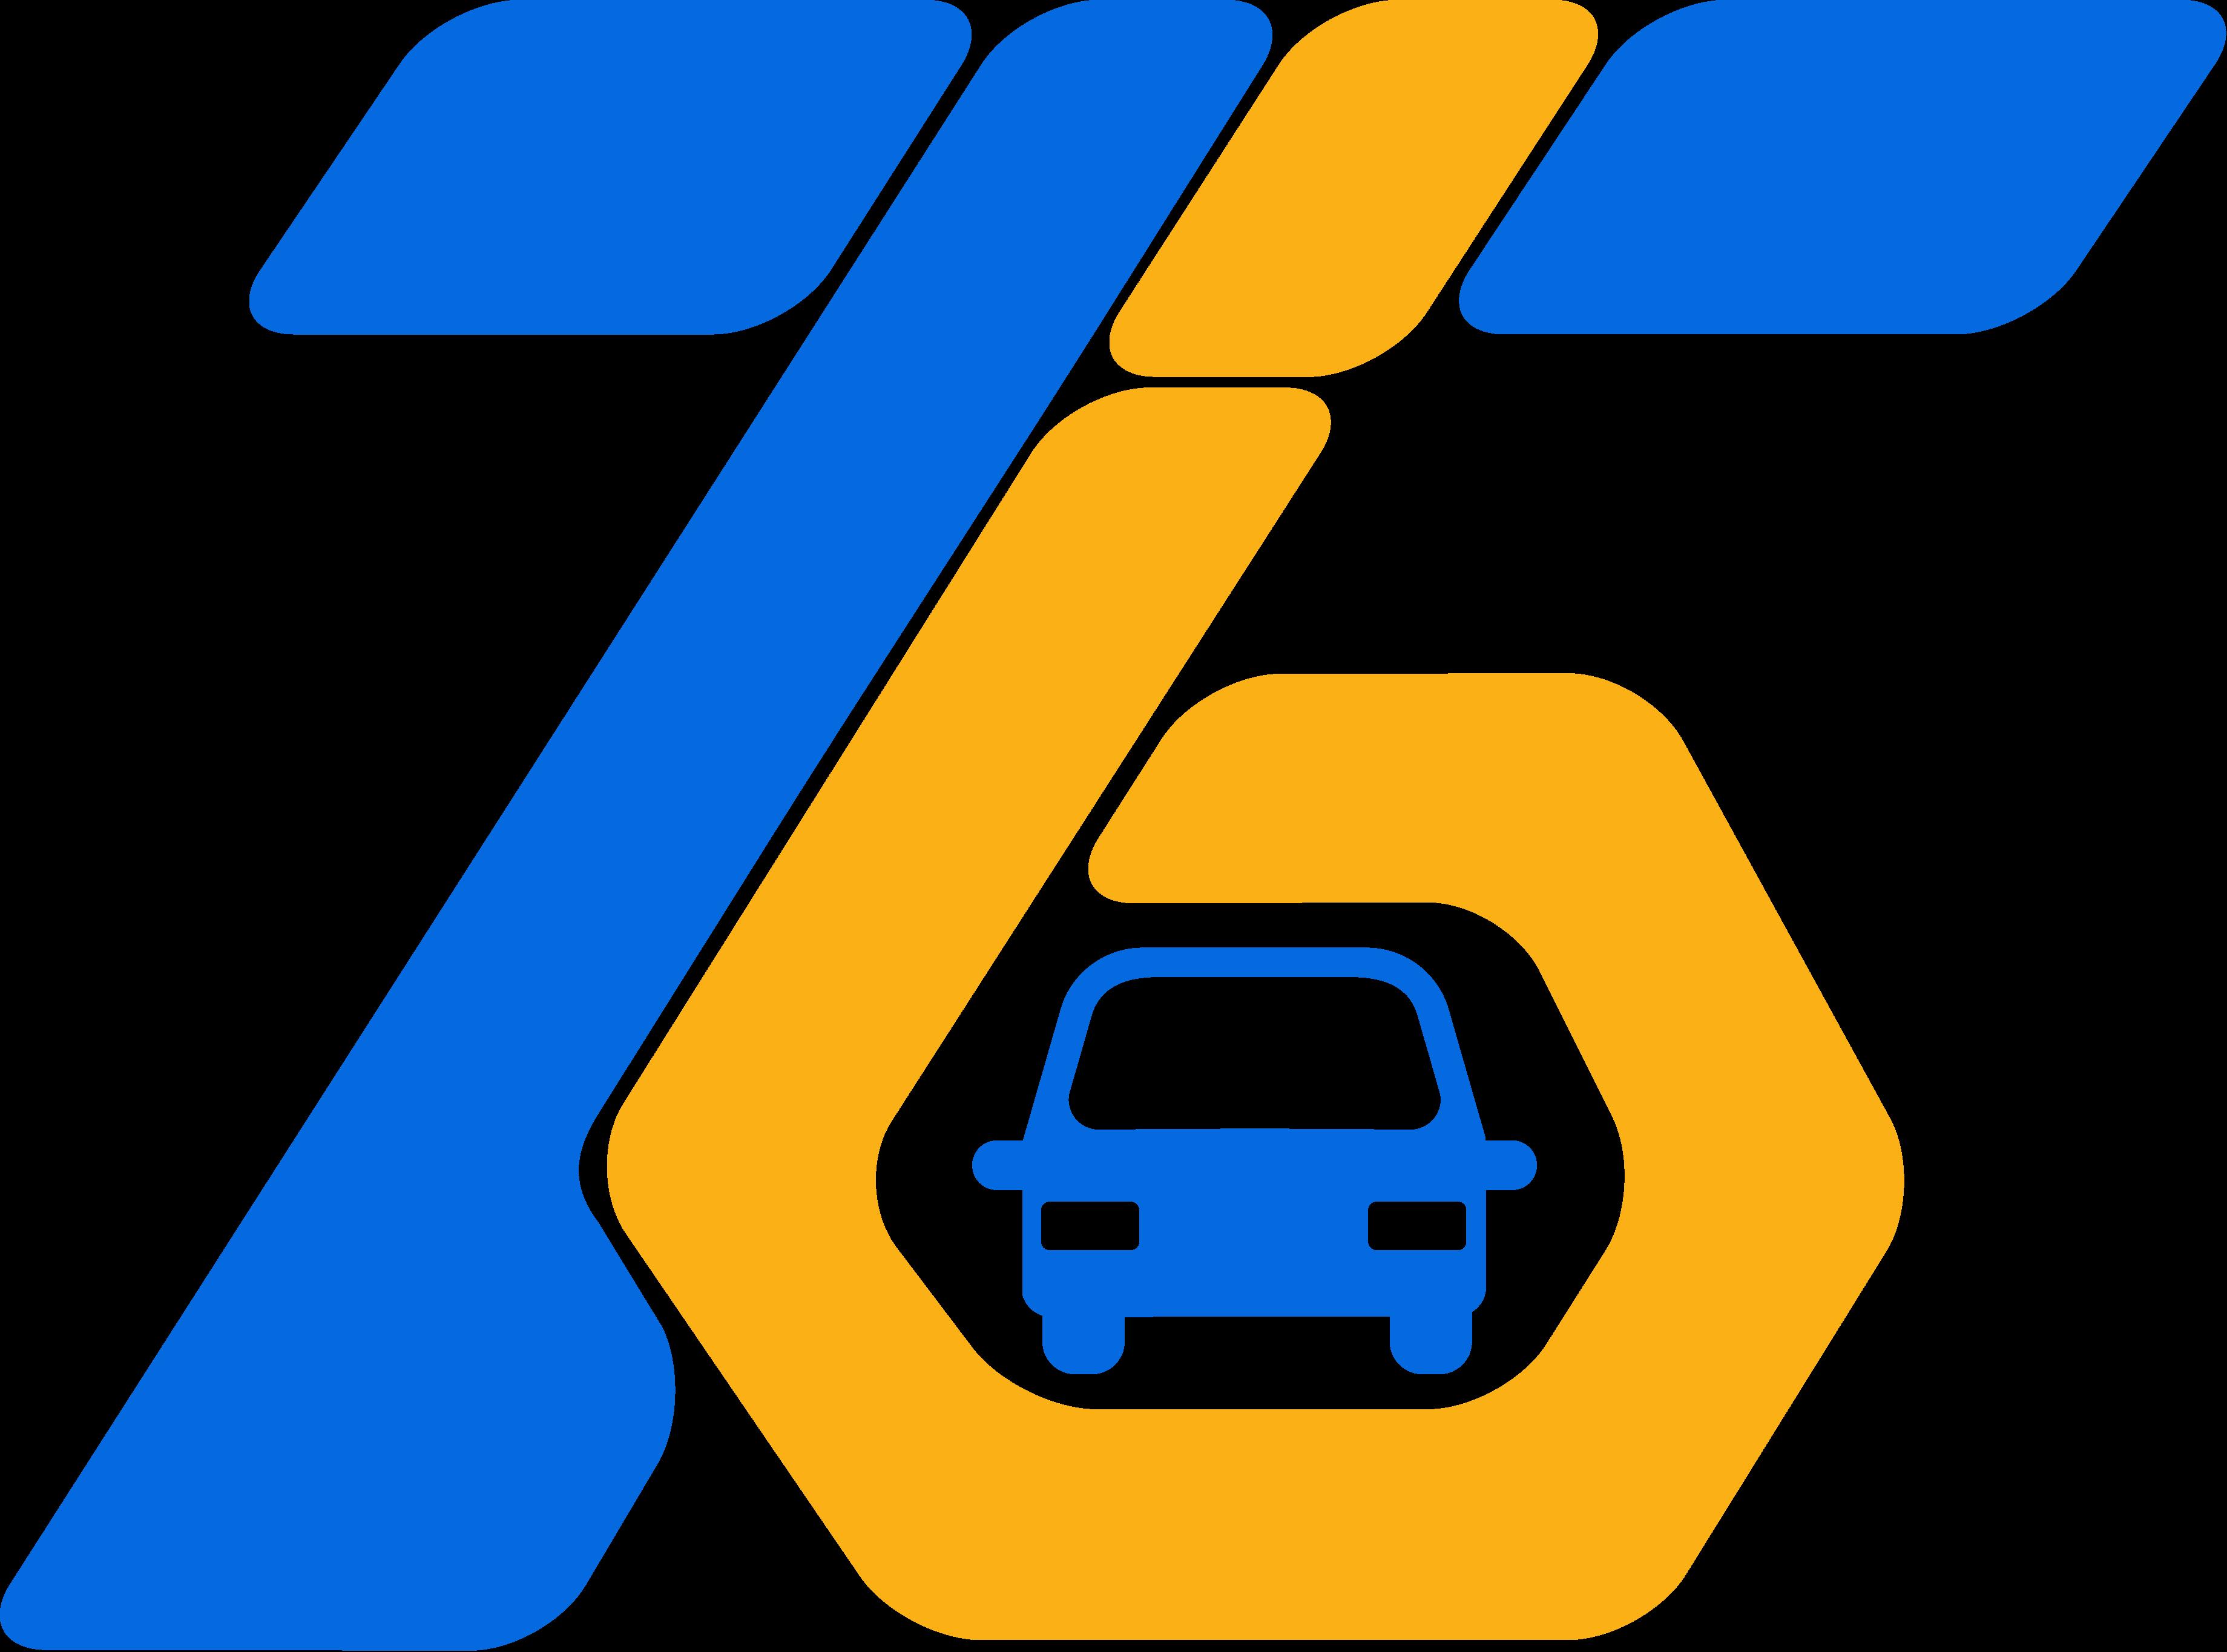 T6司机软件v1.1.1